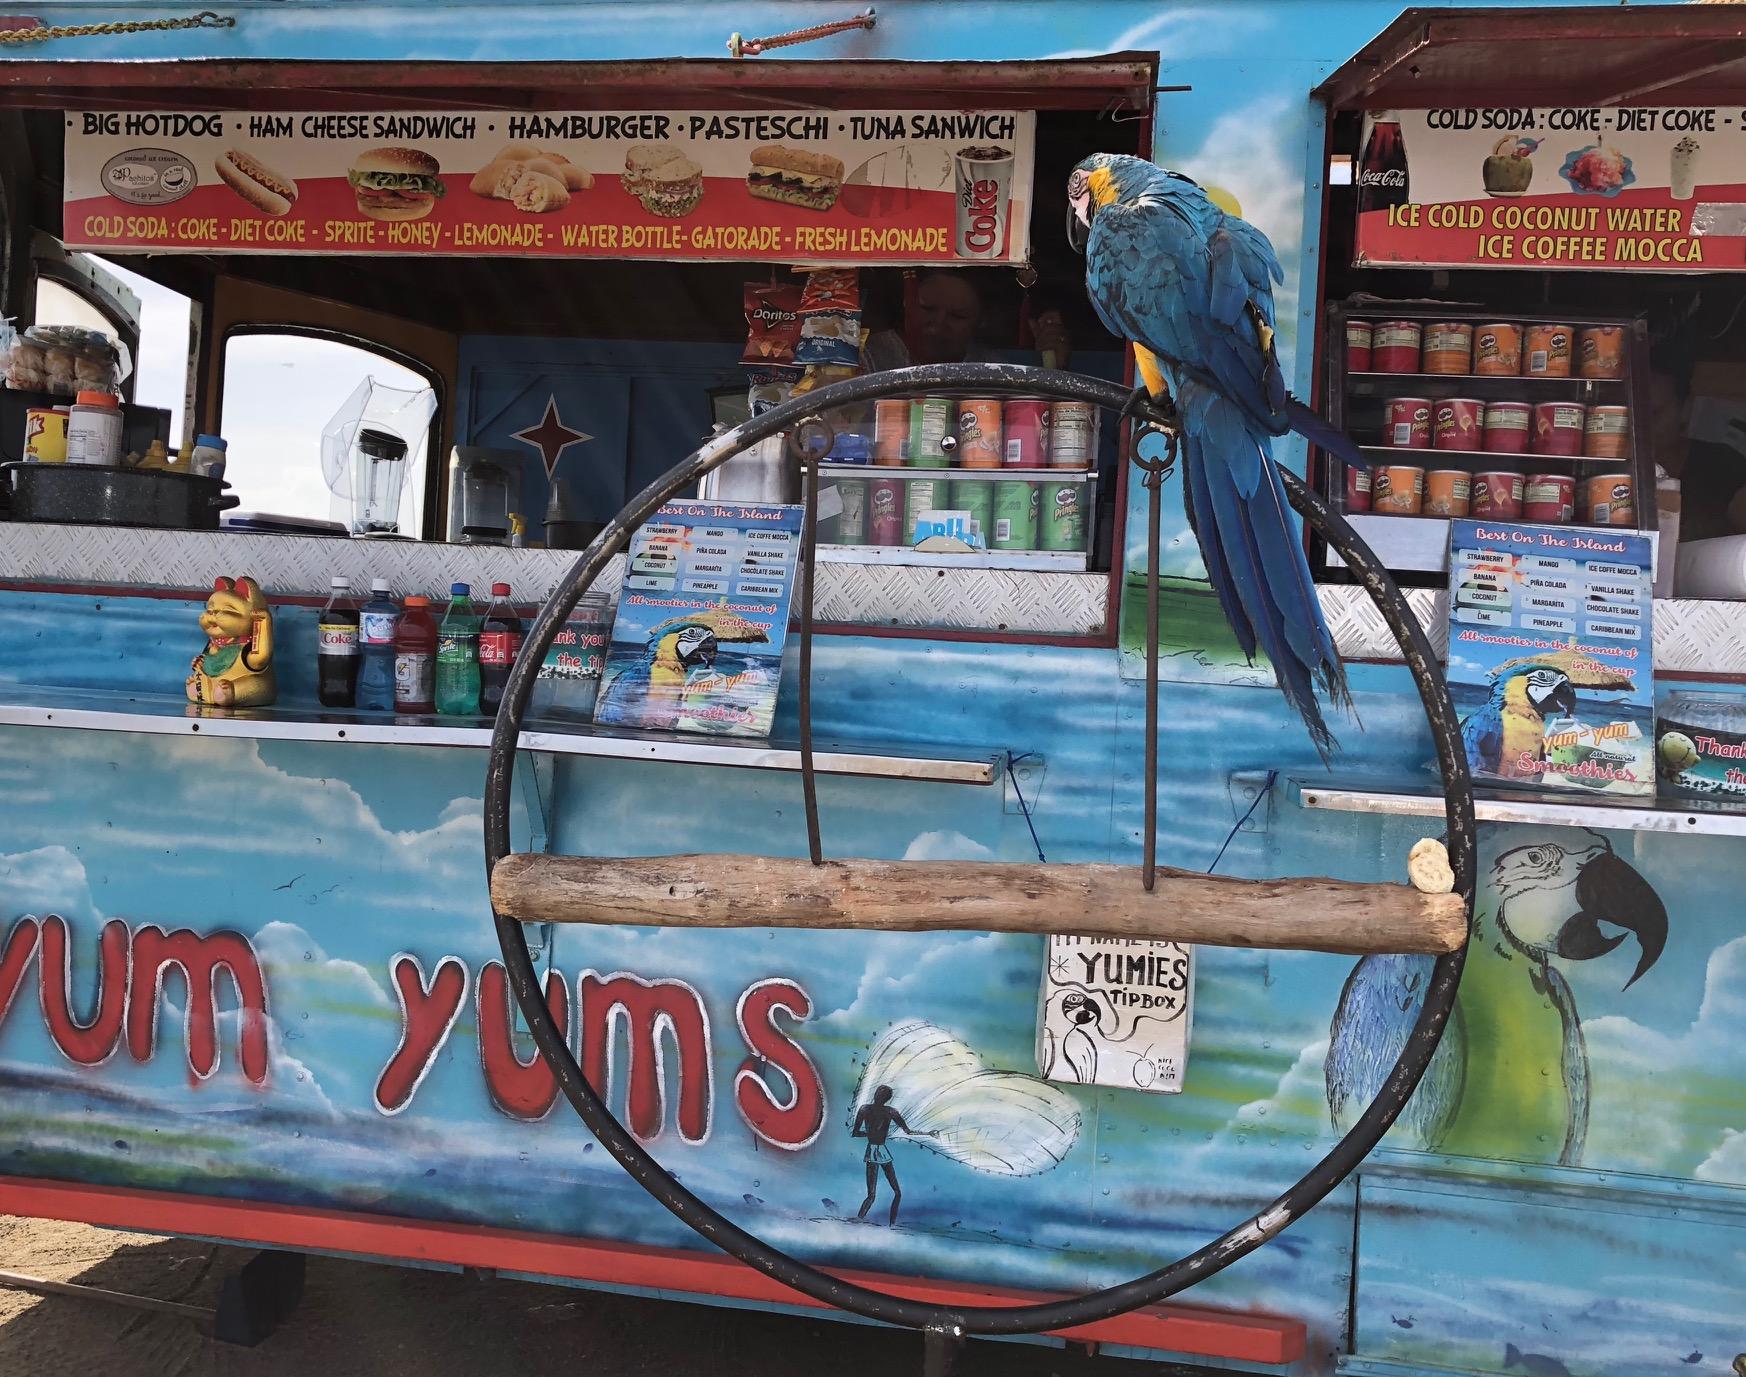 Aruba: Yum Yum's Pop-Up Shop